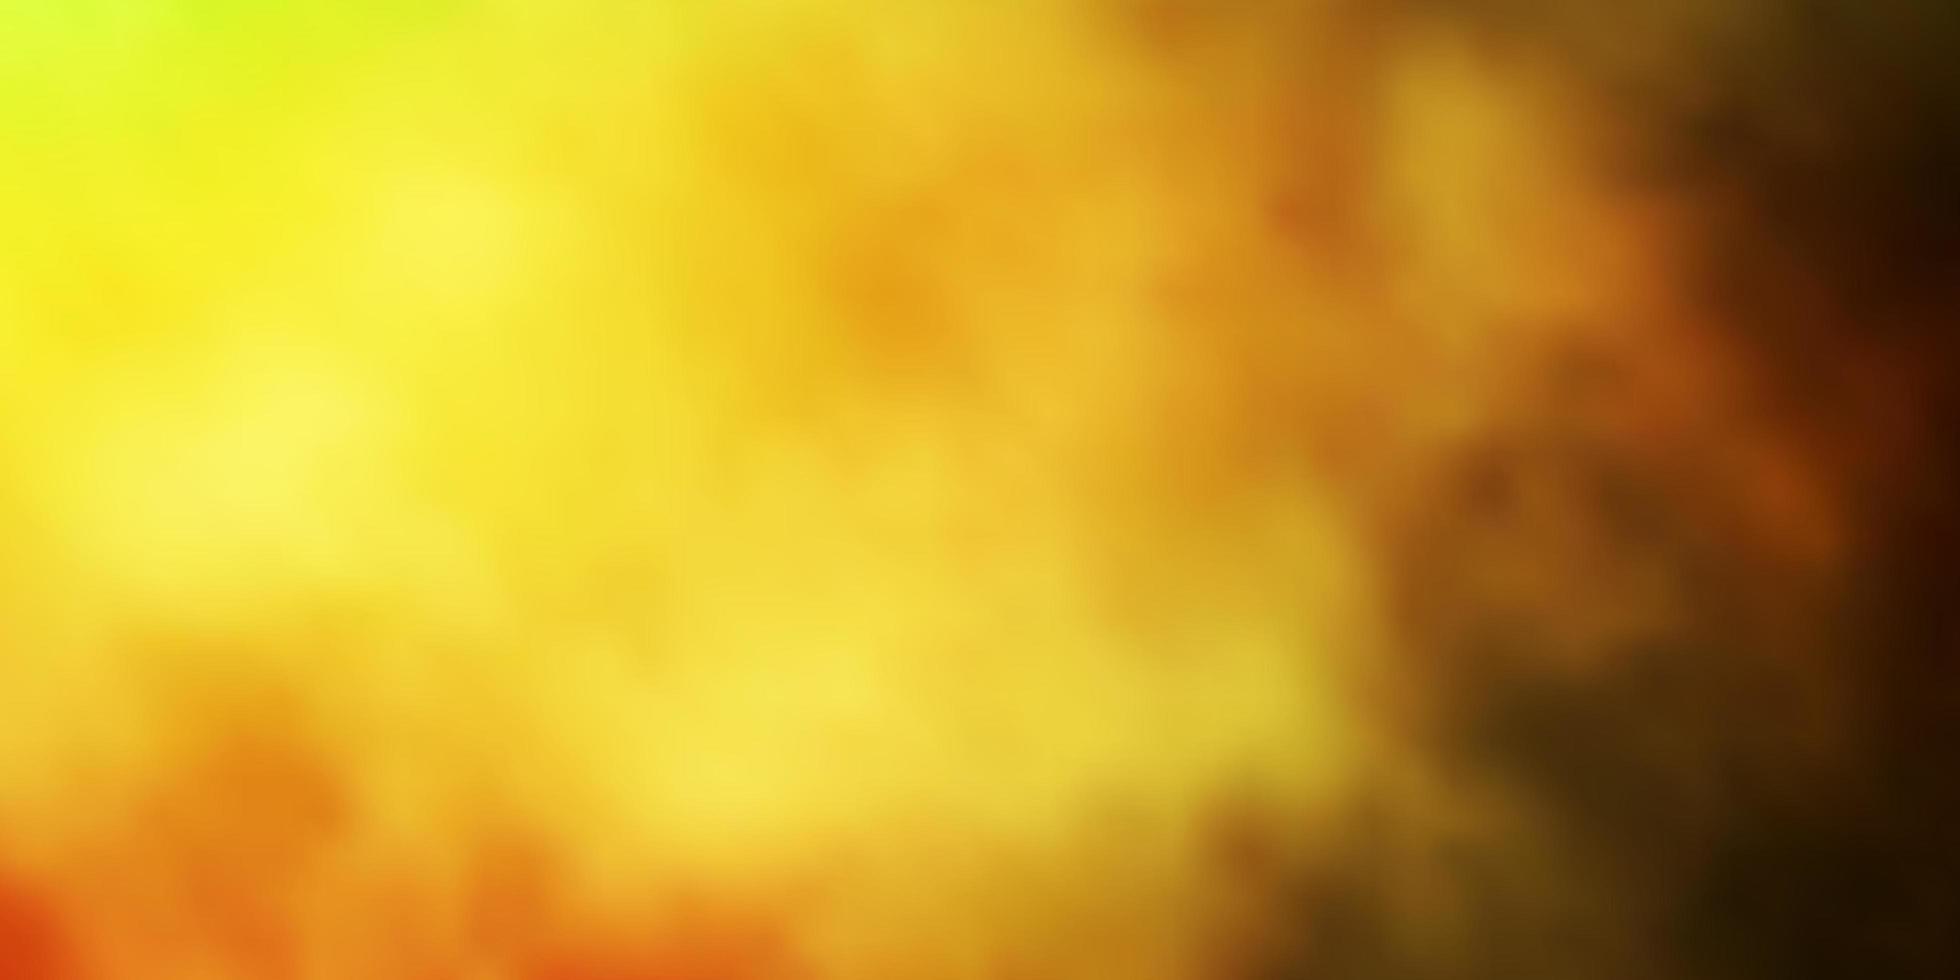 verde scuro, sfondo giallo con nuvole. vettore